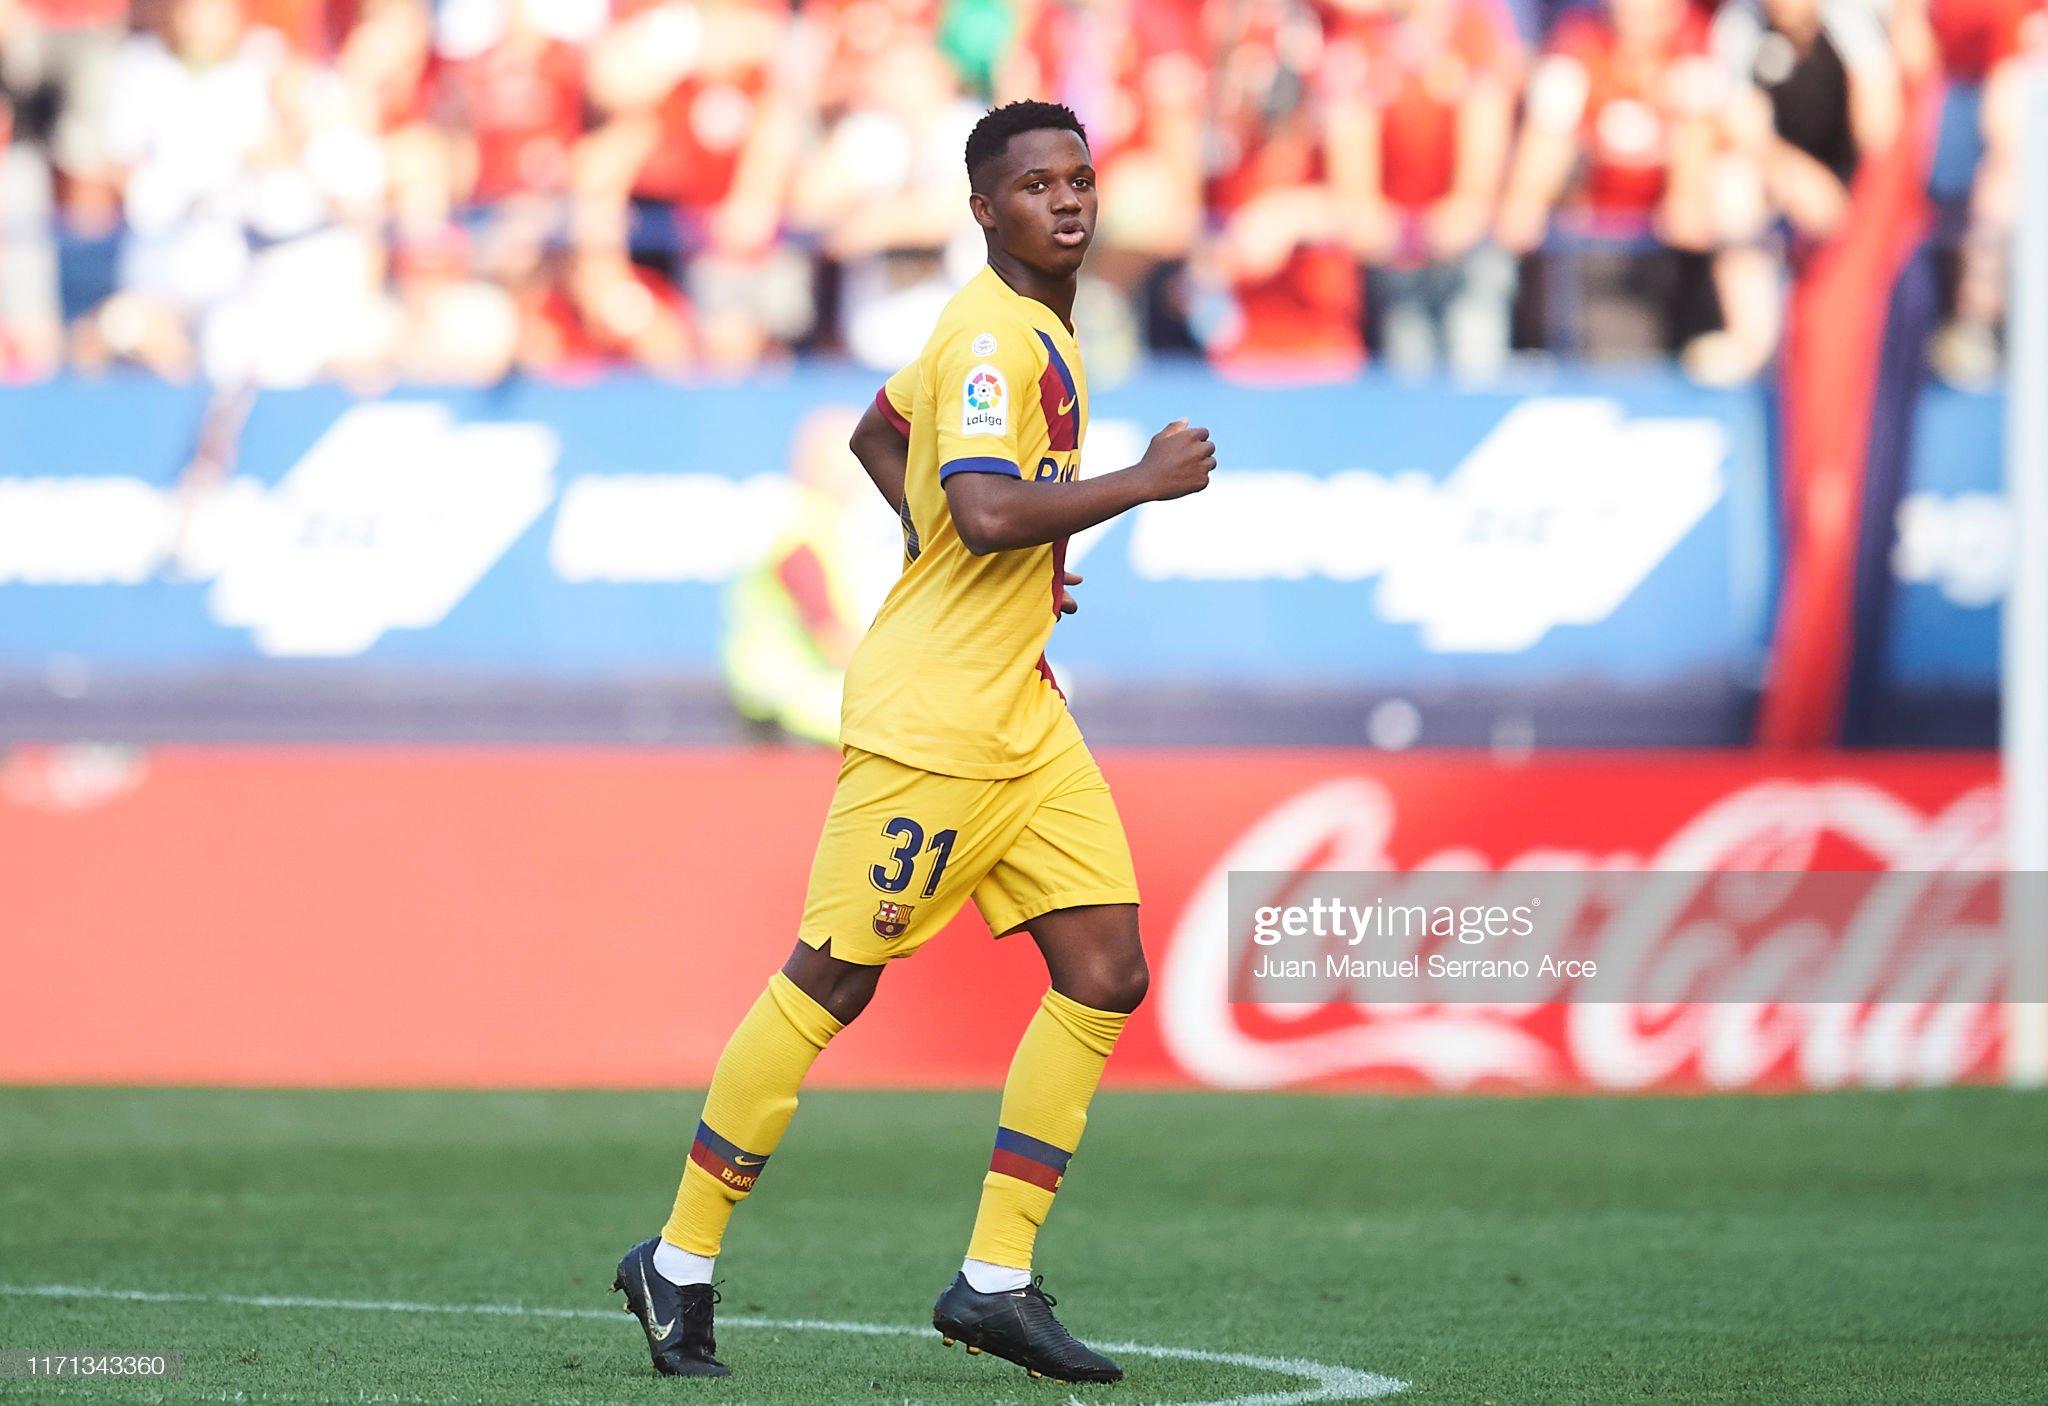 صور مباراة : أوساسونا - برشلونة 2-2 ( 31-08-2019 )  Anssumane-fati-of-fc-barcelona-celebrates-after-scoring-the-first-of-picture-id1171343360?s=2048x2048